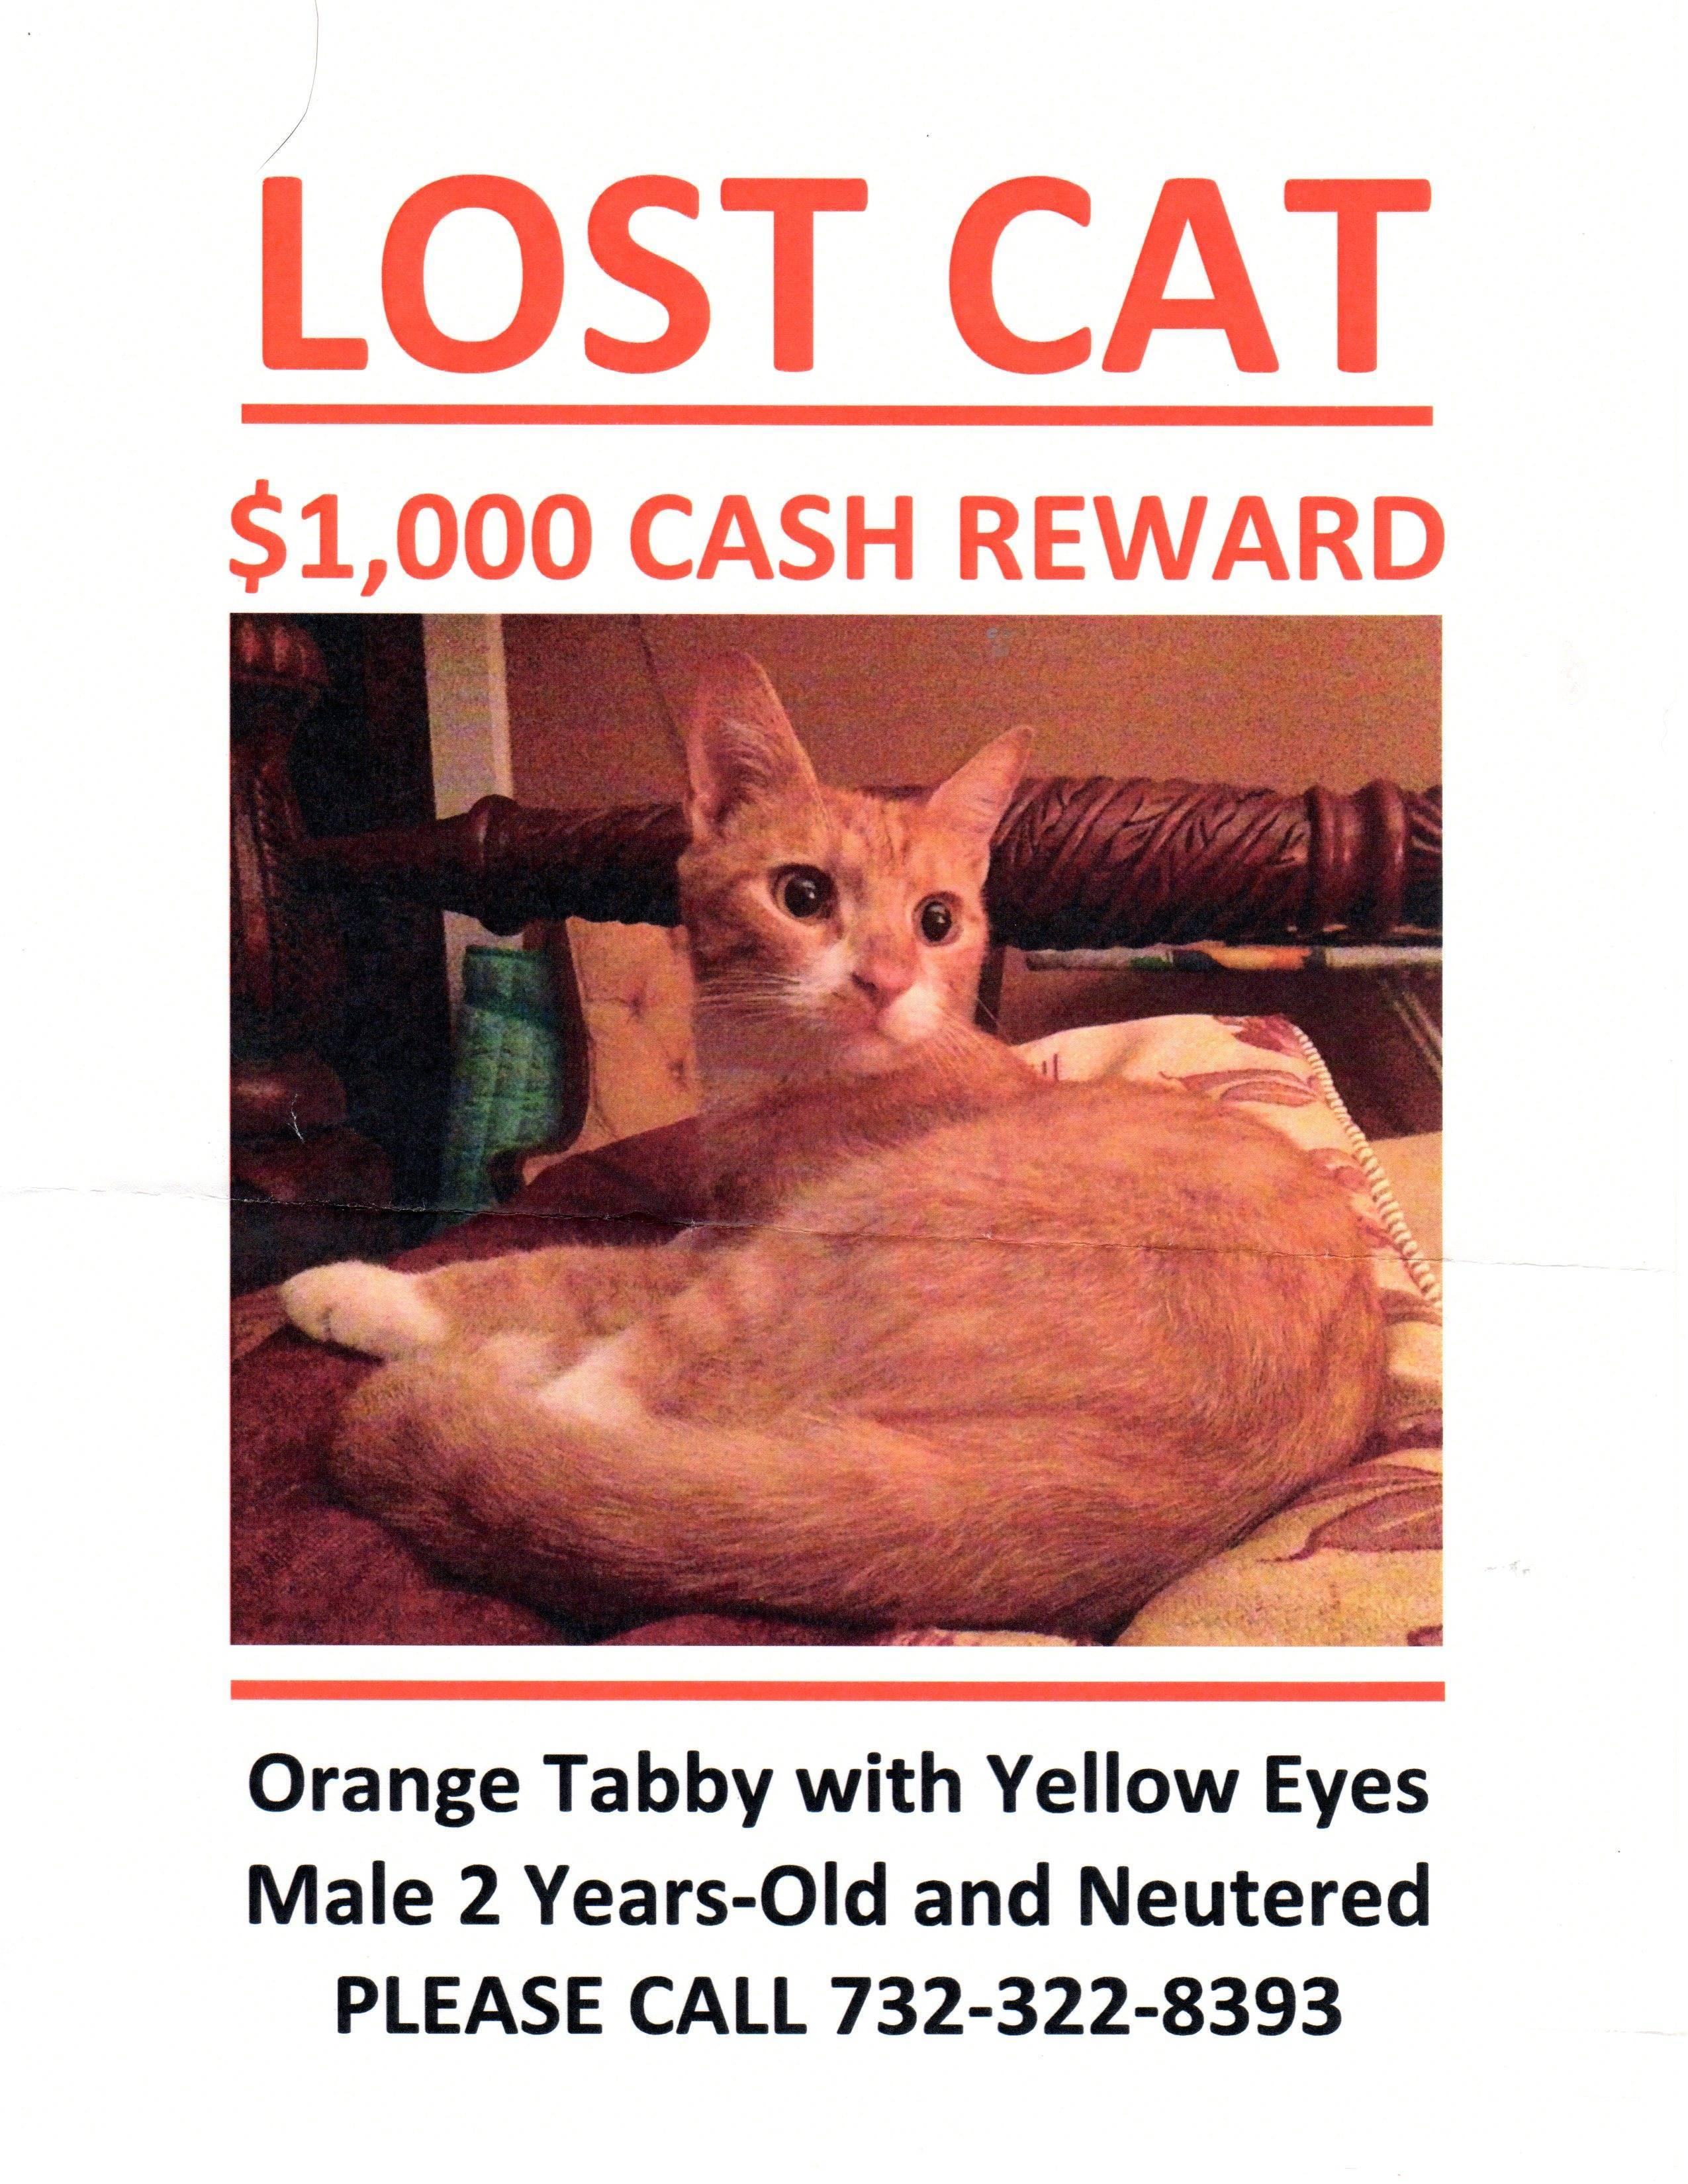 afeb66f4658ddd3f5866_img_Missing_Cat001.jpg